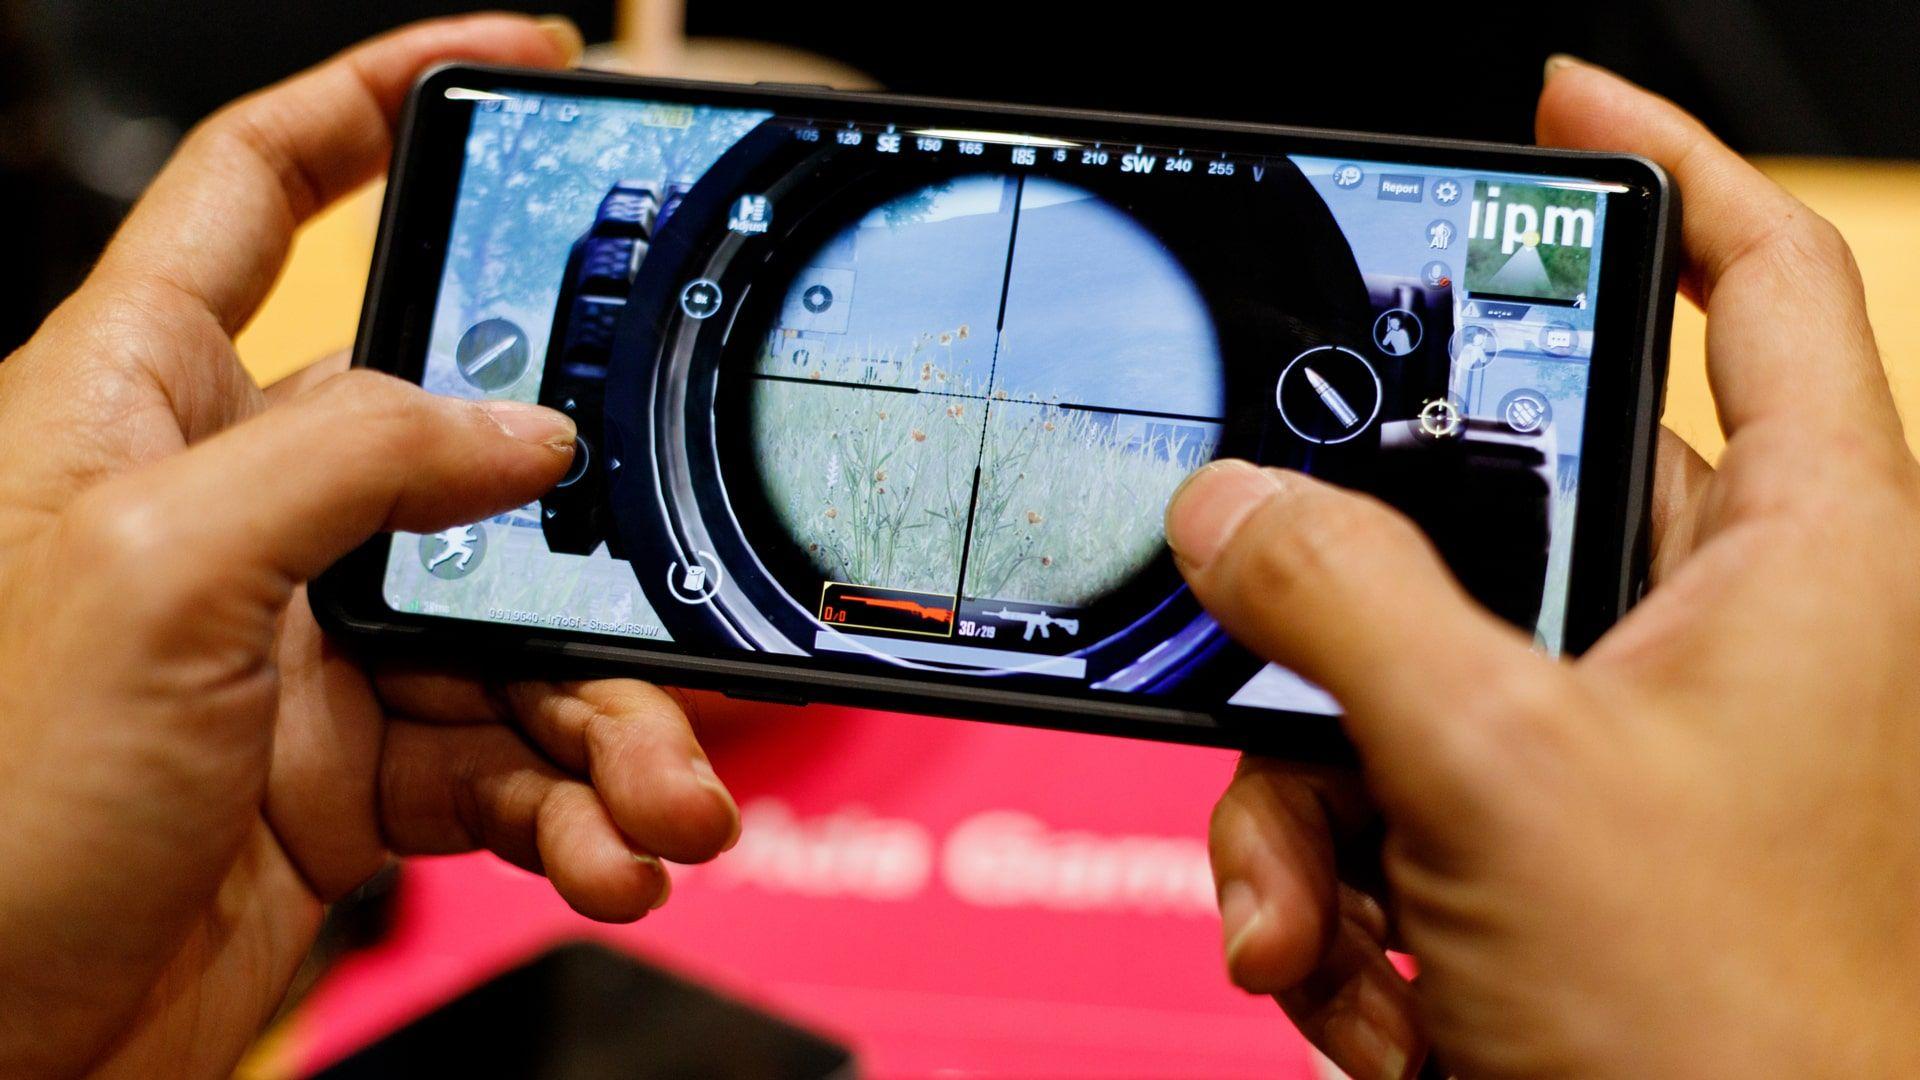 Celulares gamers trazem ficha técnica potente e recursos otimizados para jogos (Foto: Shutterstock)